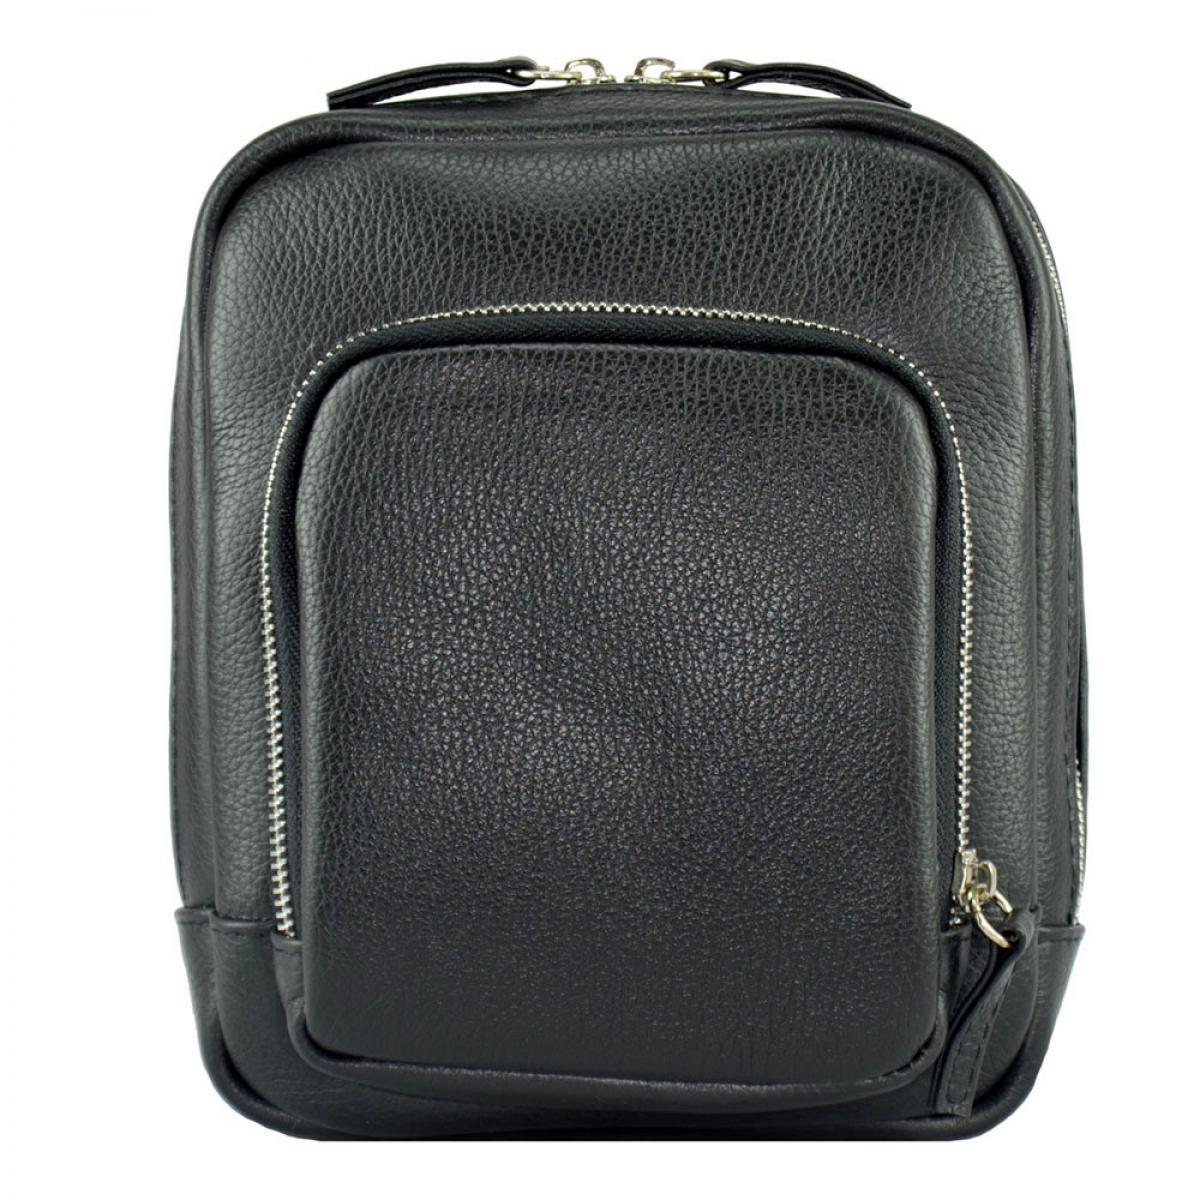 78c932897415 Купить кожаную мужскую сумку через плечо 0185/101 - интернет-магазин ...